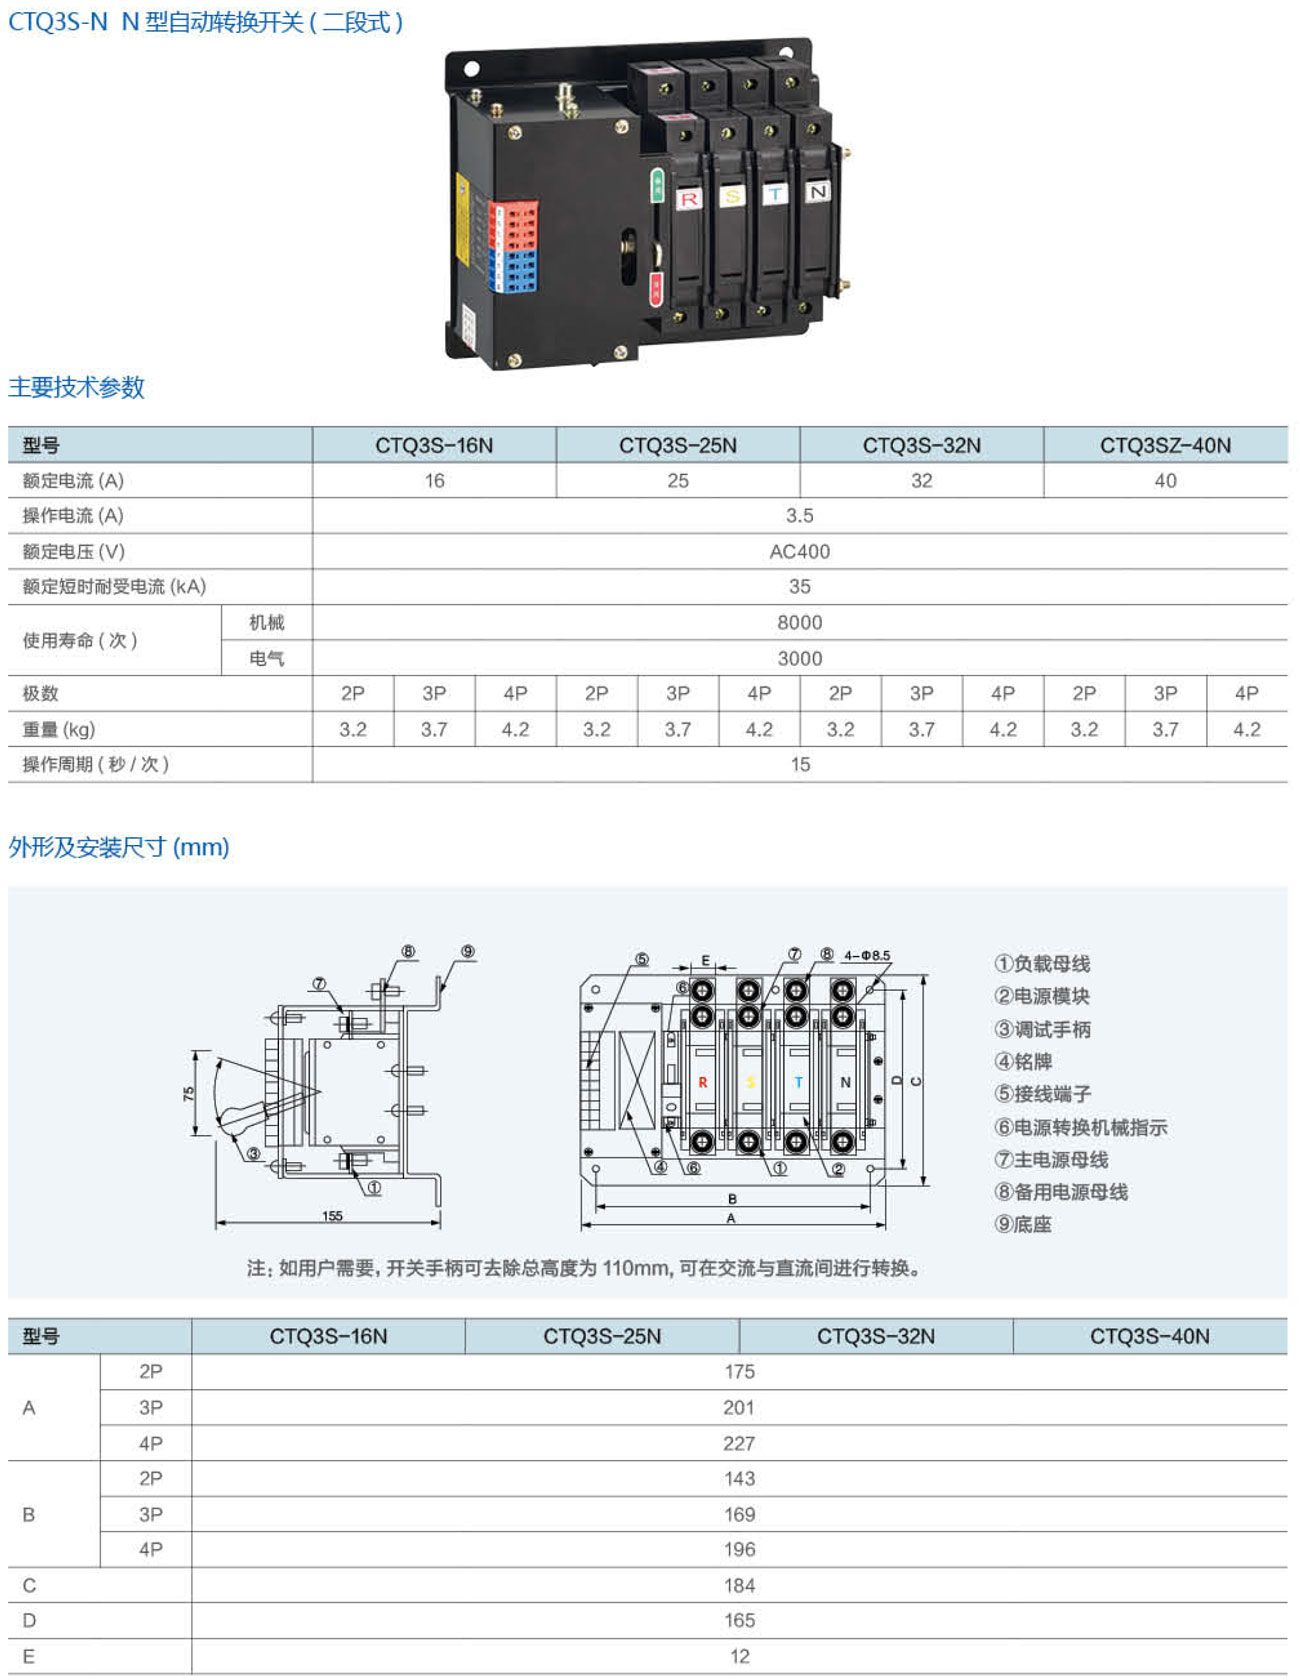 CTQ3S-N-N型自動轉換開關(二段式)-1.jpg